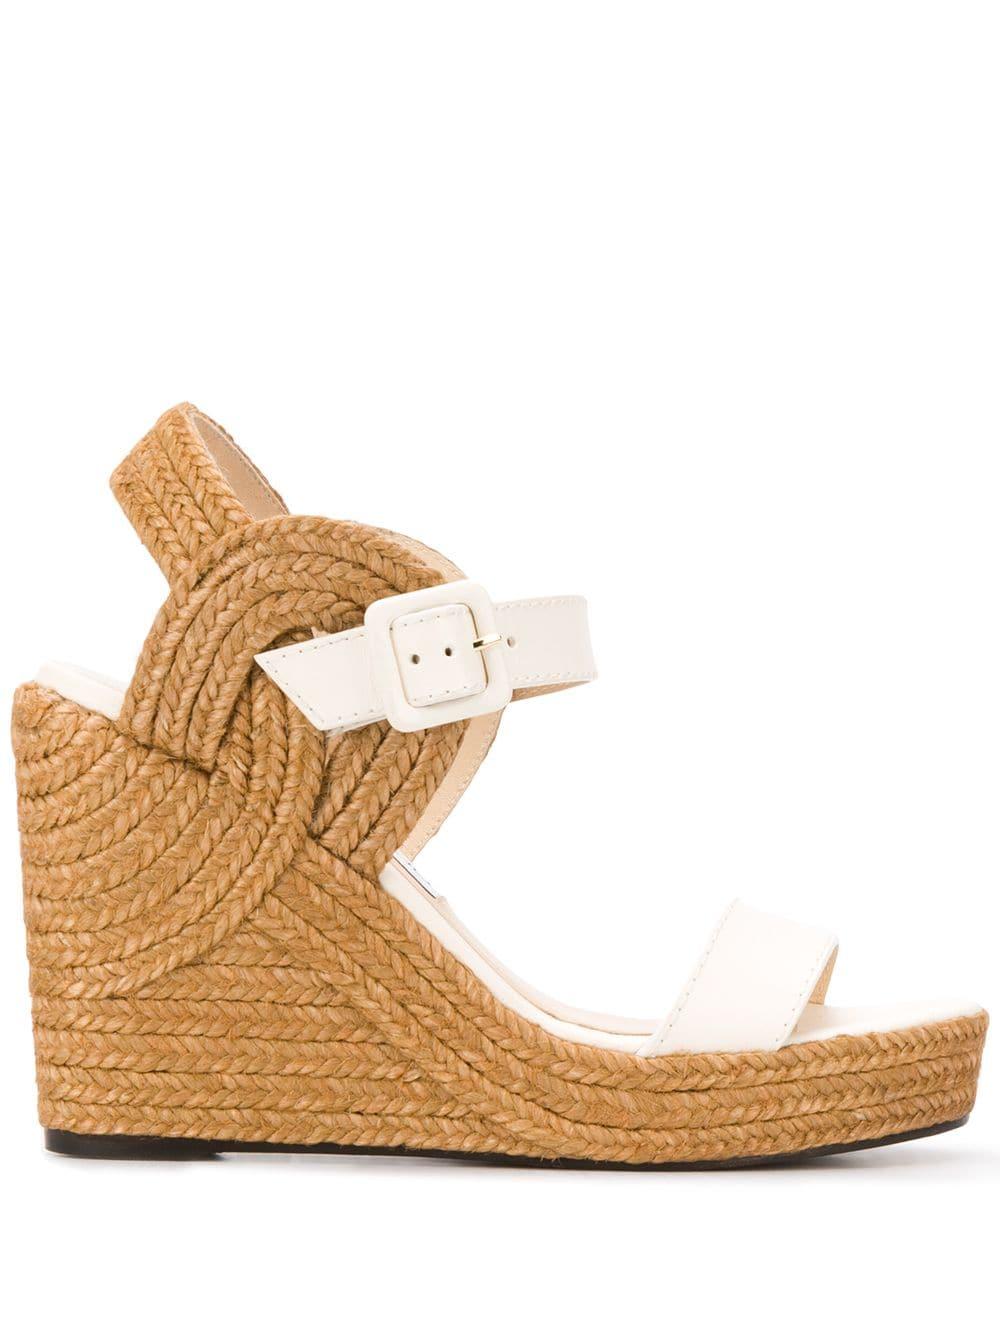 Jimmy Choo 'Delphi' Sandalen - Weiß